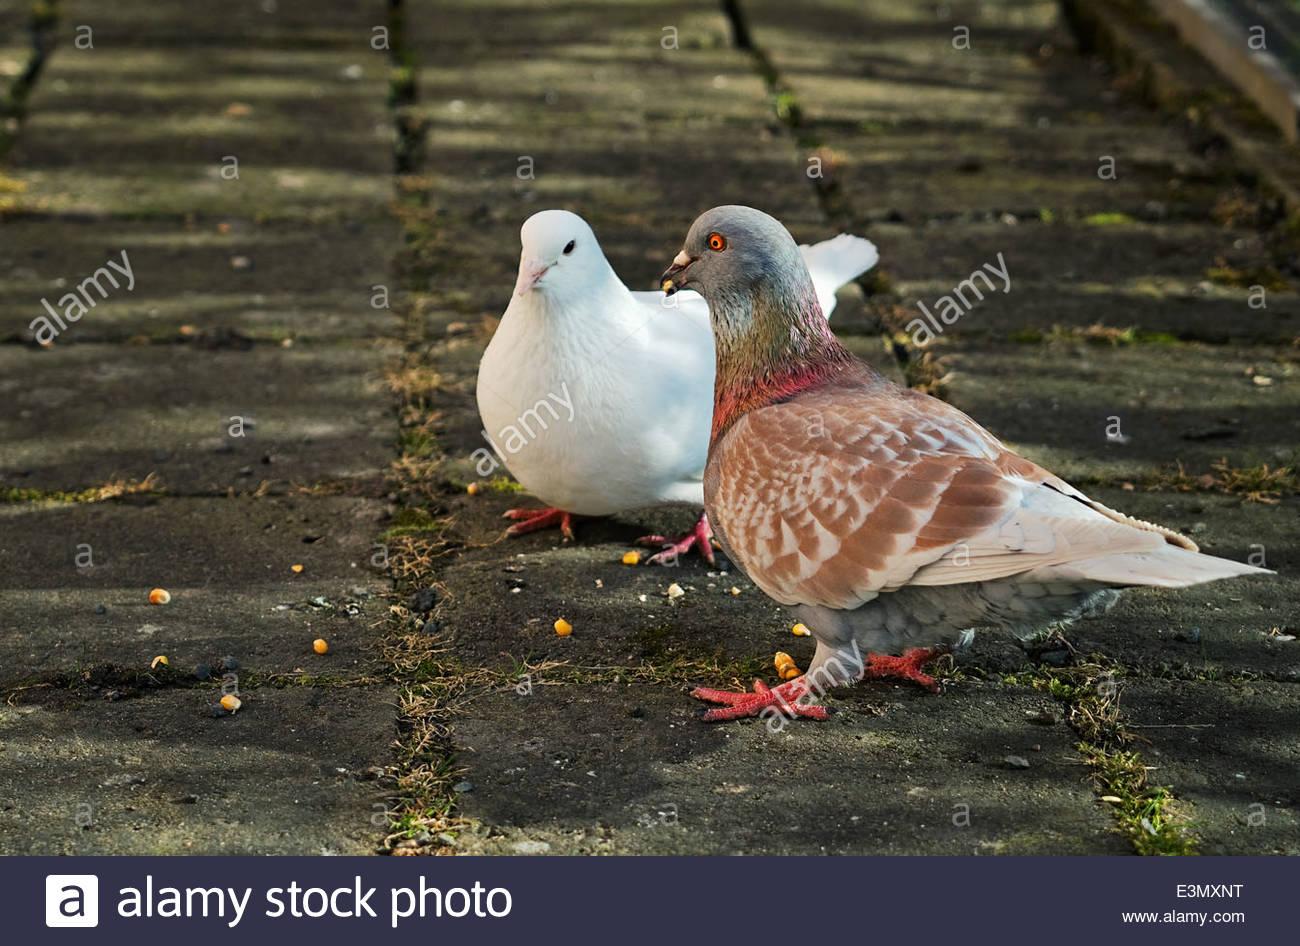 Zwei Zuchttauben fressen Maiskörner(Two breeding doves eat maize corns) - Stock Image